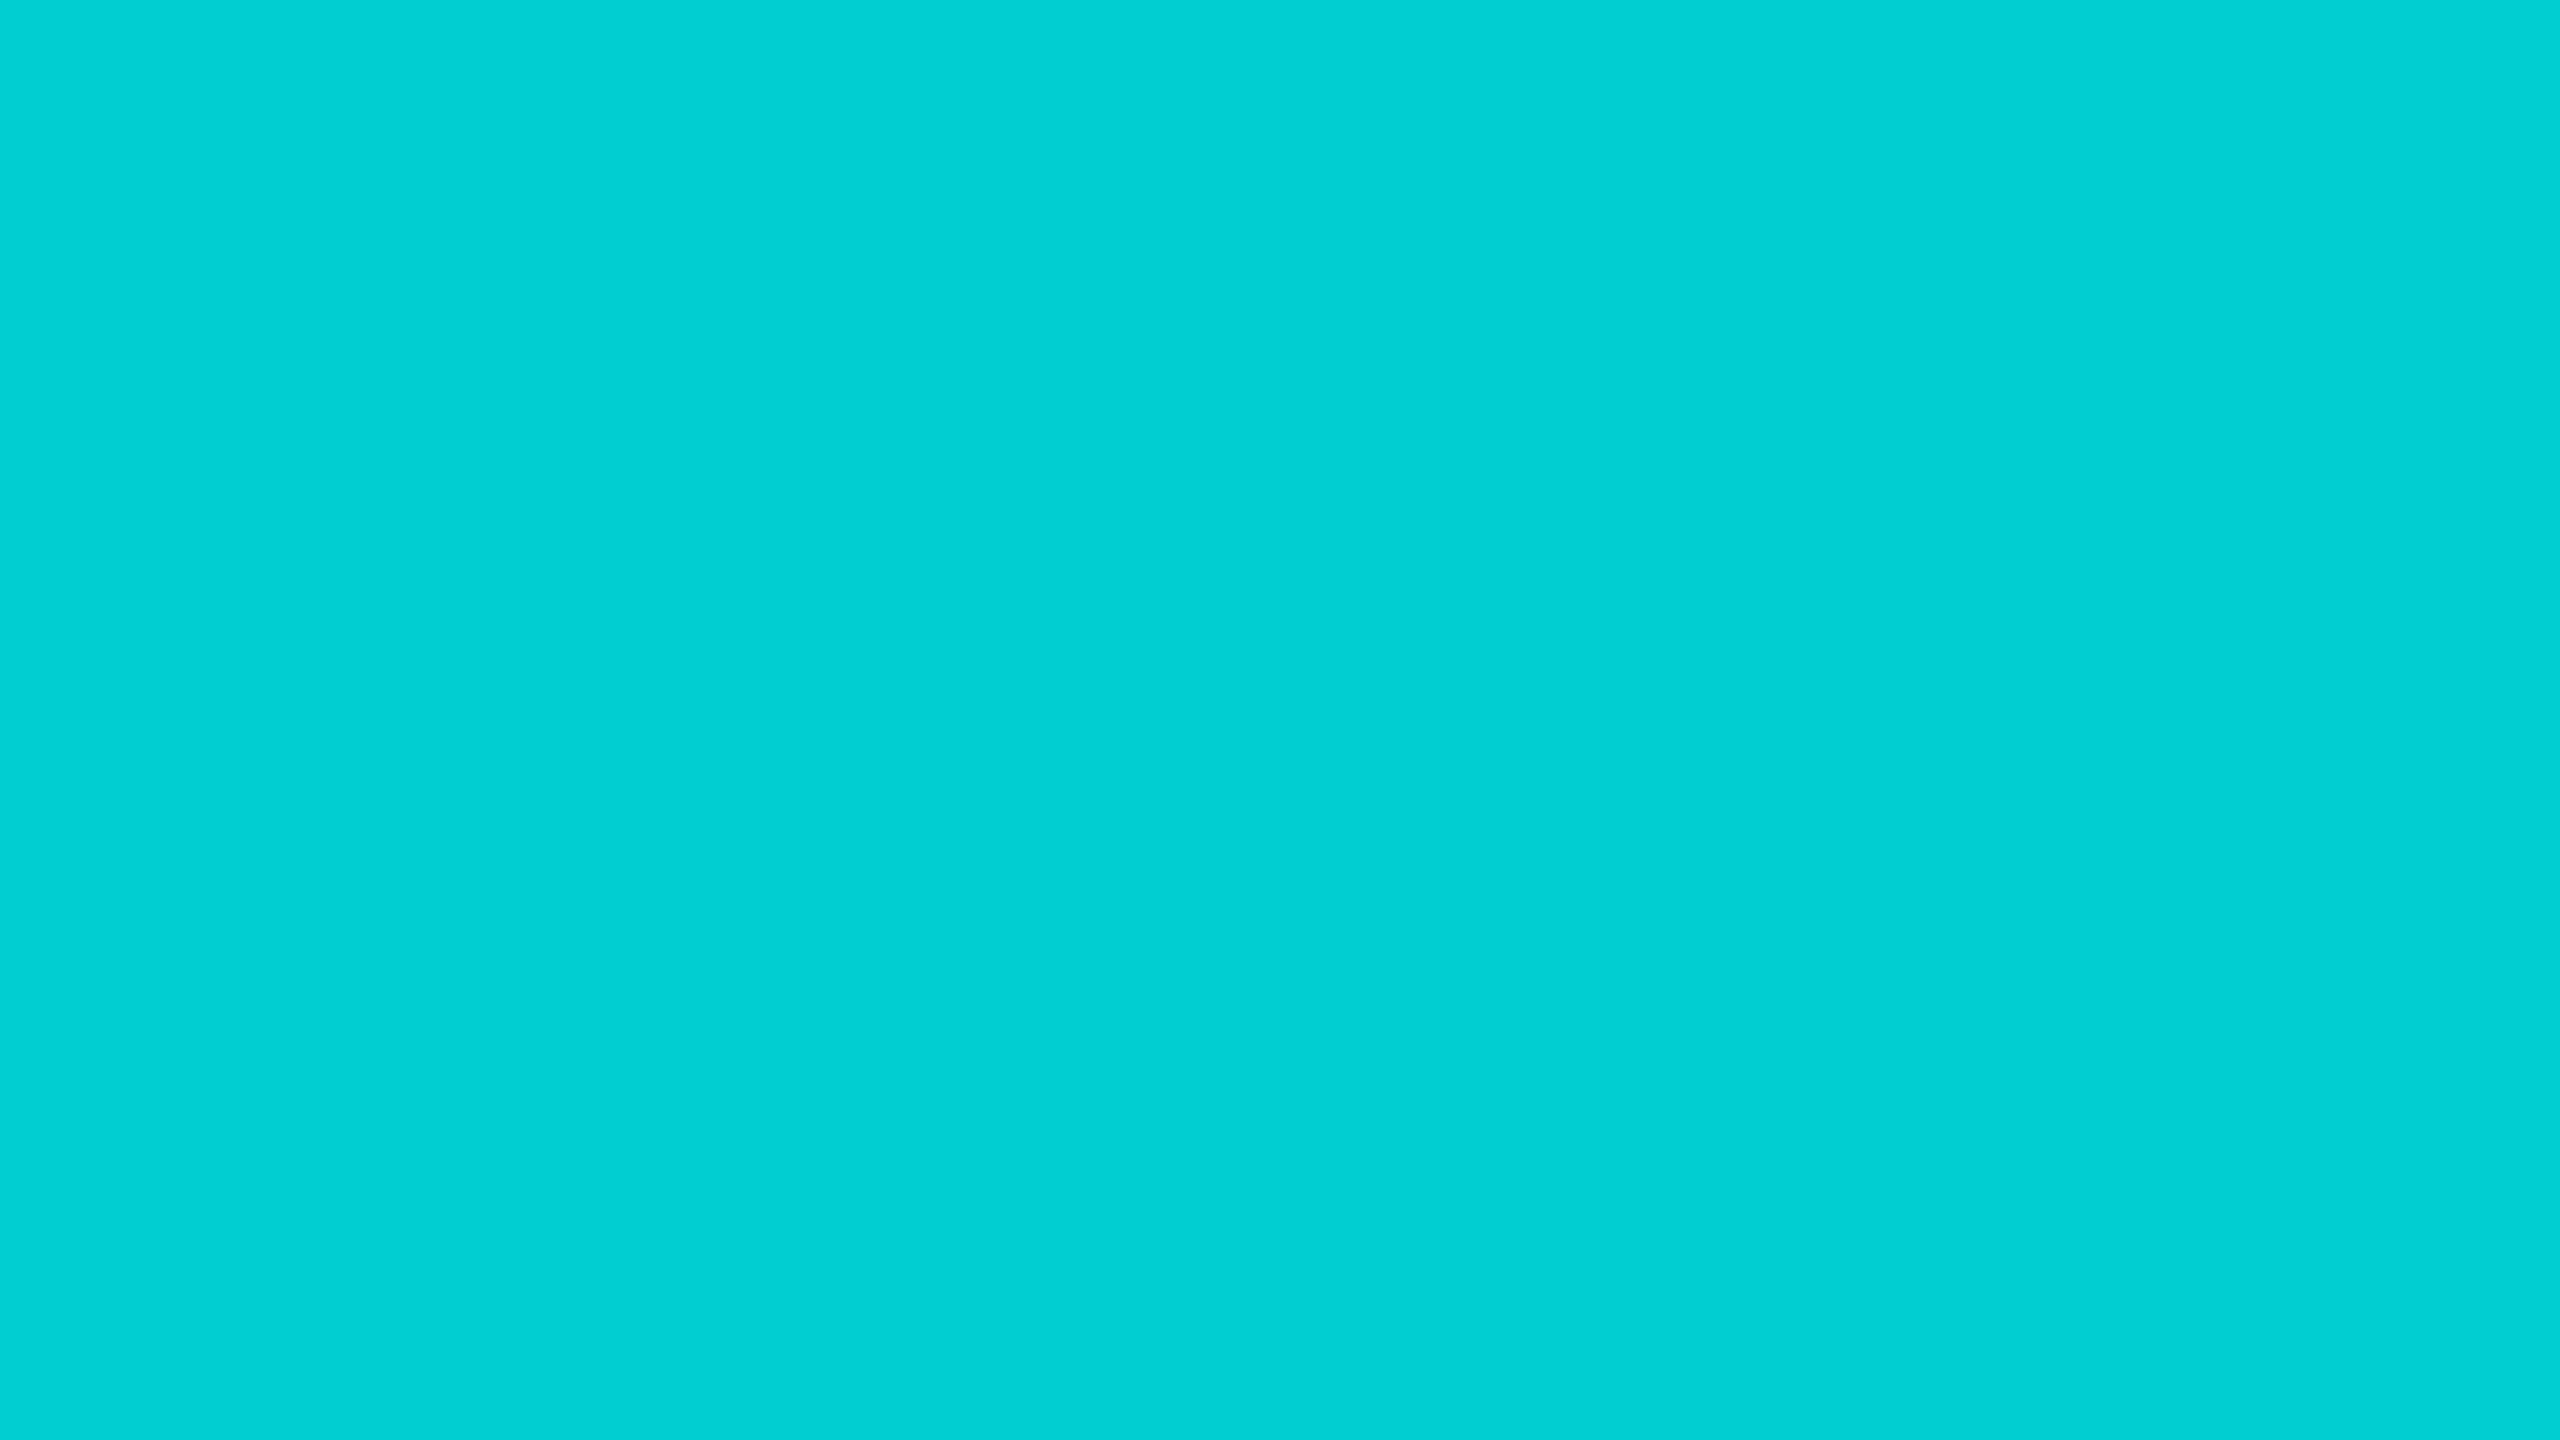 Darkturquoise Analogous Colorsrgb Color Codes